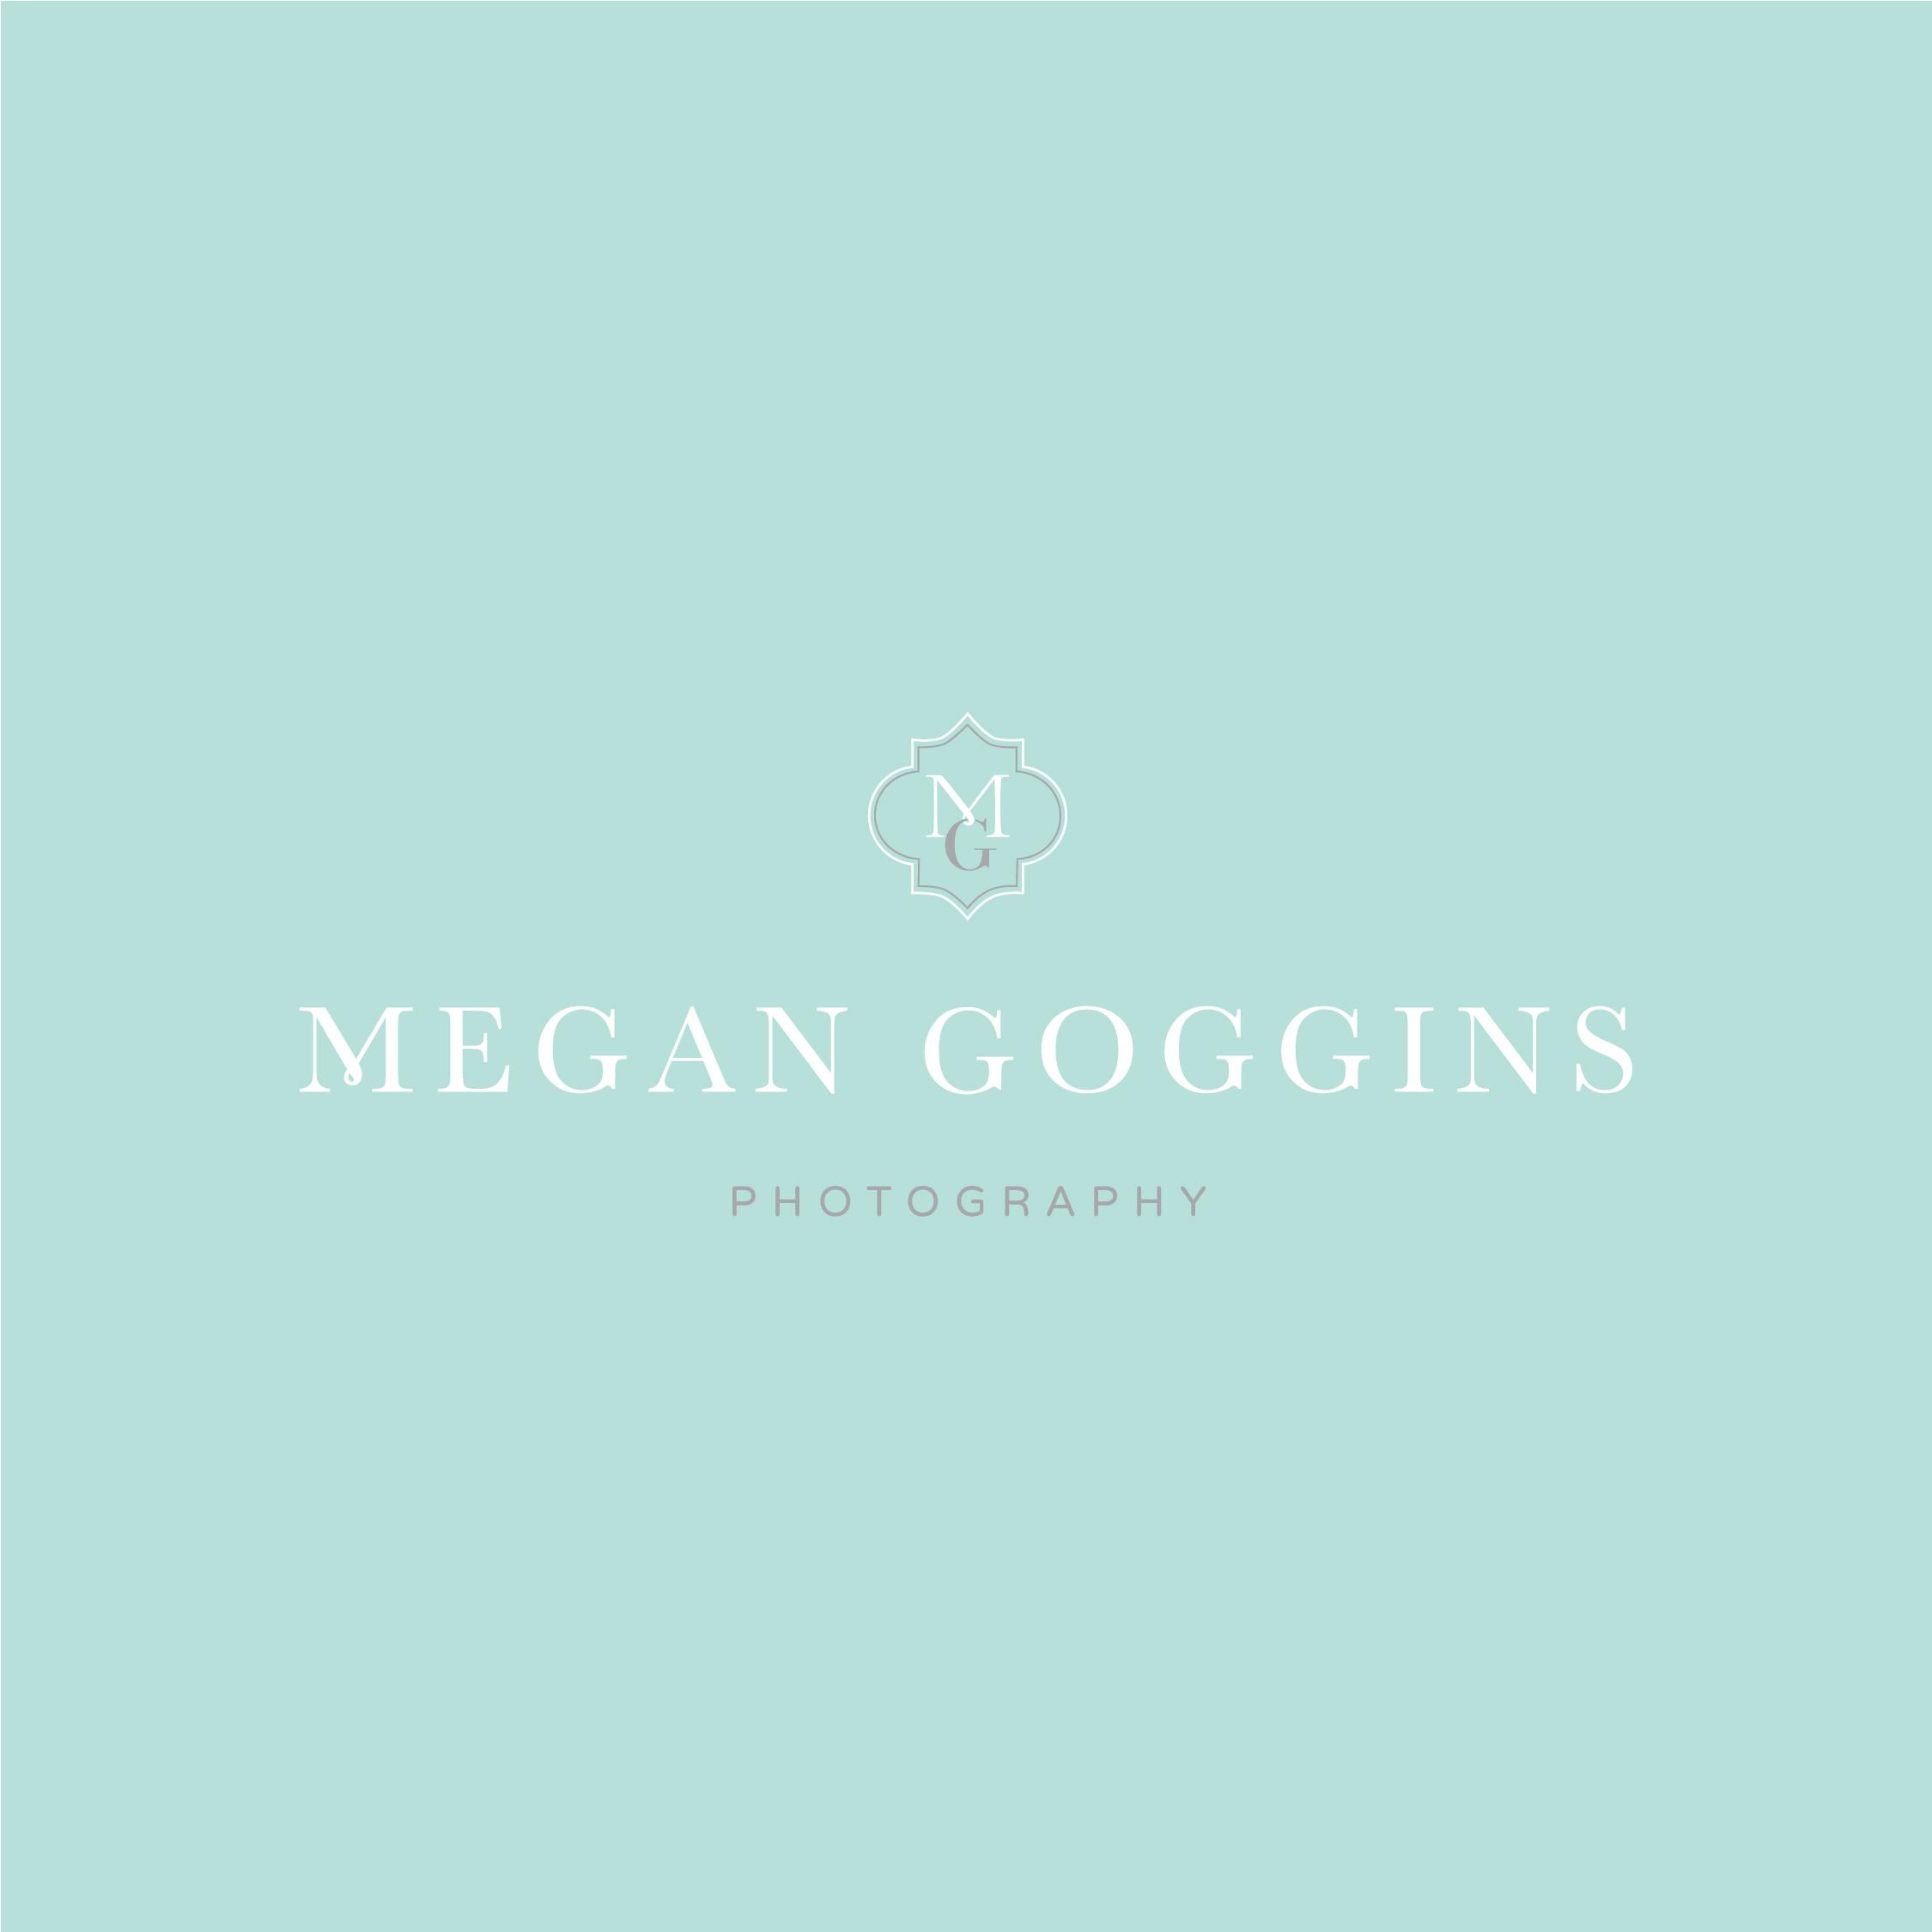 Insta-MGoggins-01.jpg